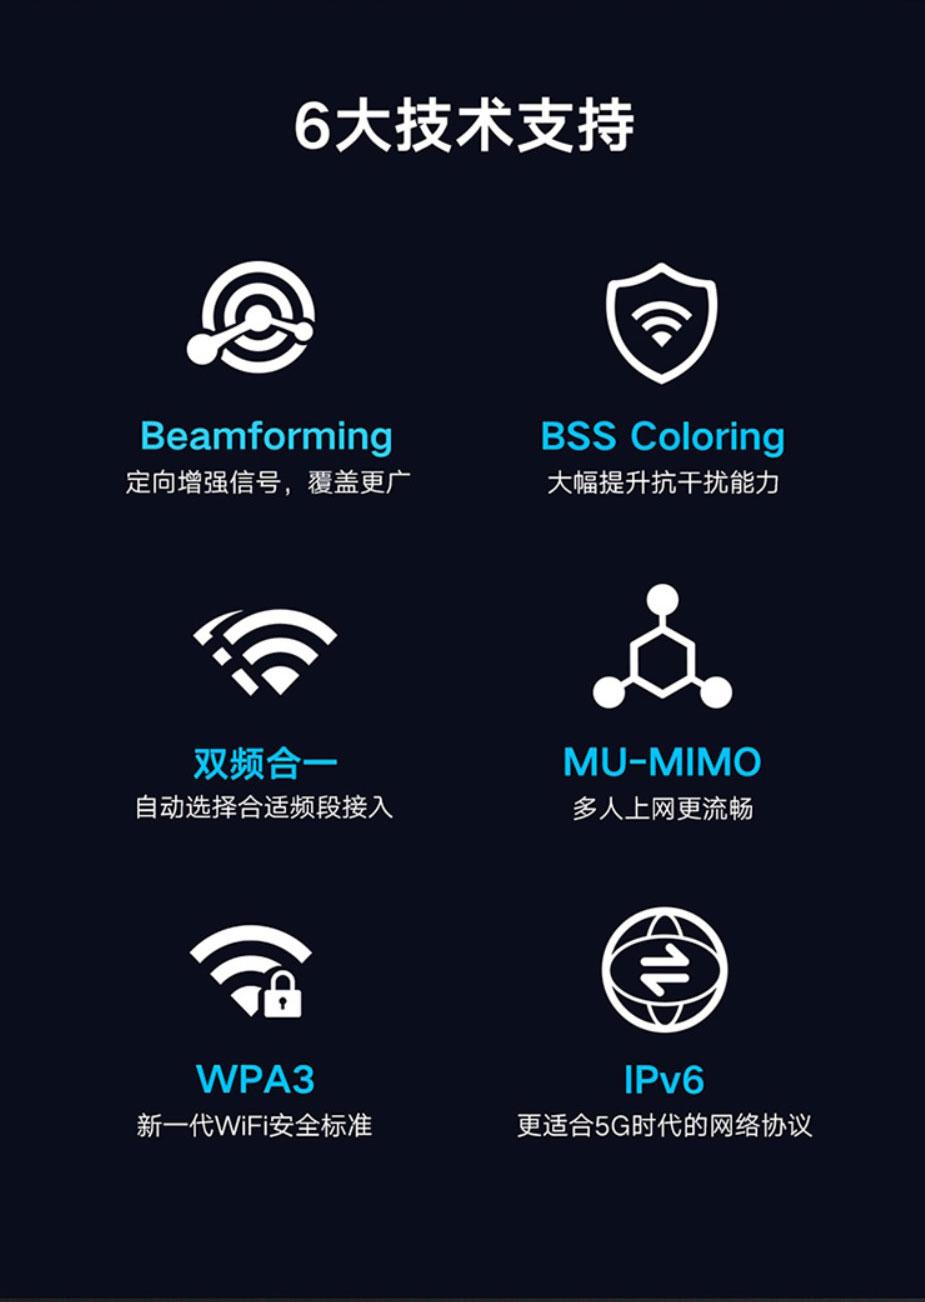 Wi-Fi-6-tu-3_11